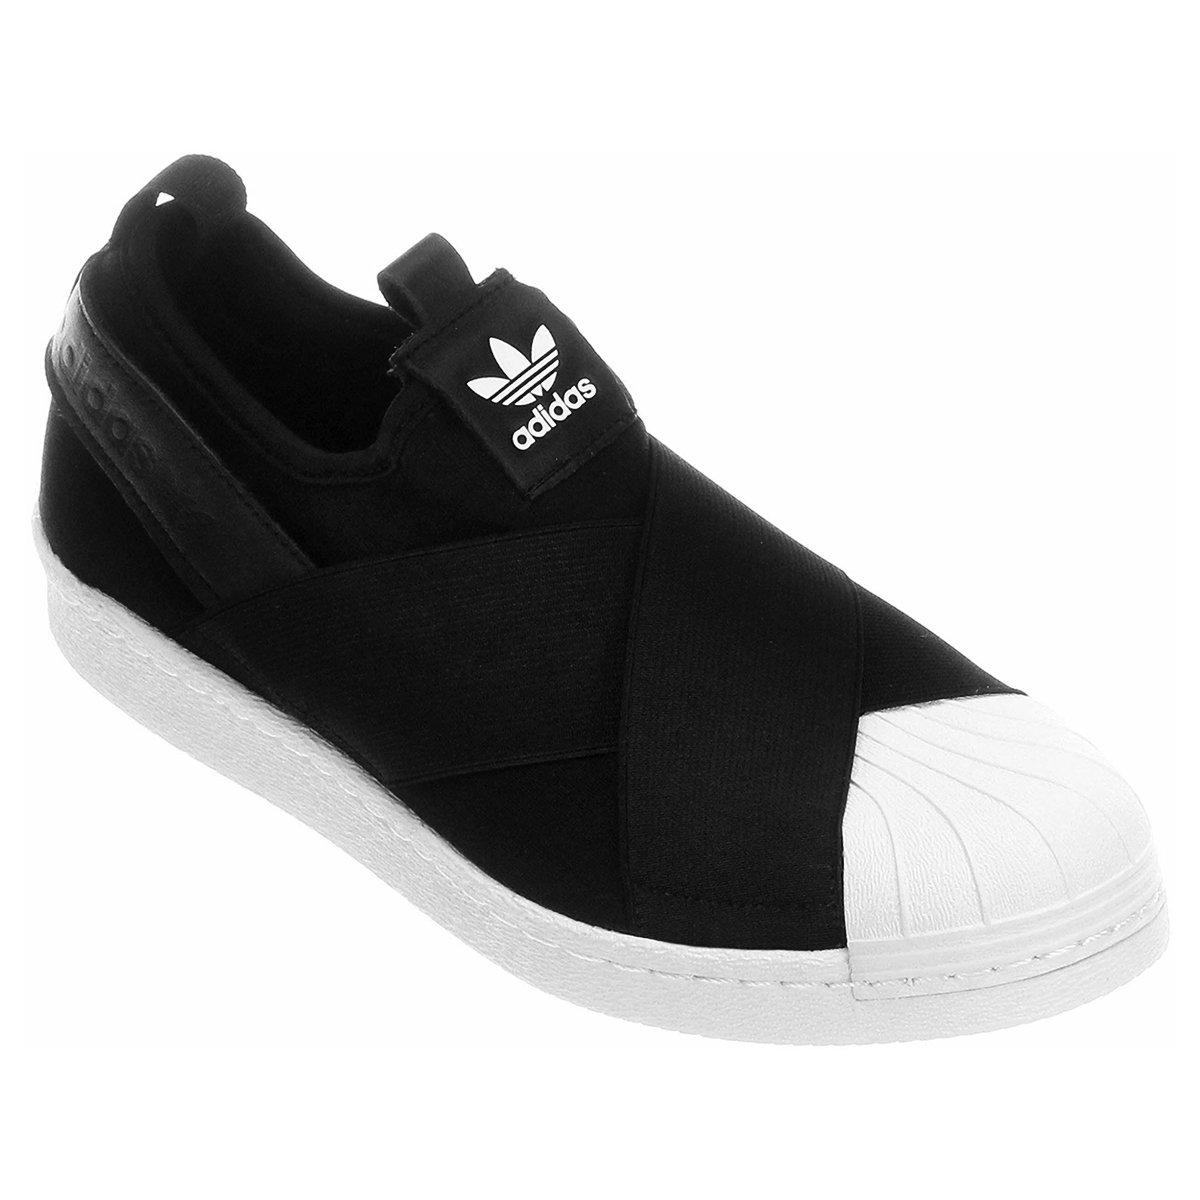 Tênis Adidas Superstar Slipon W - Compre Agora  baca080be1bb2